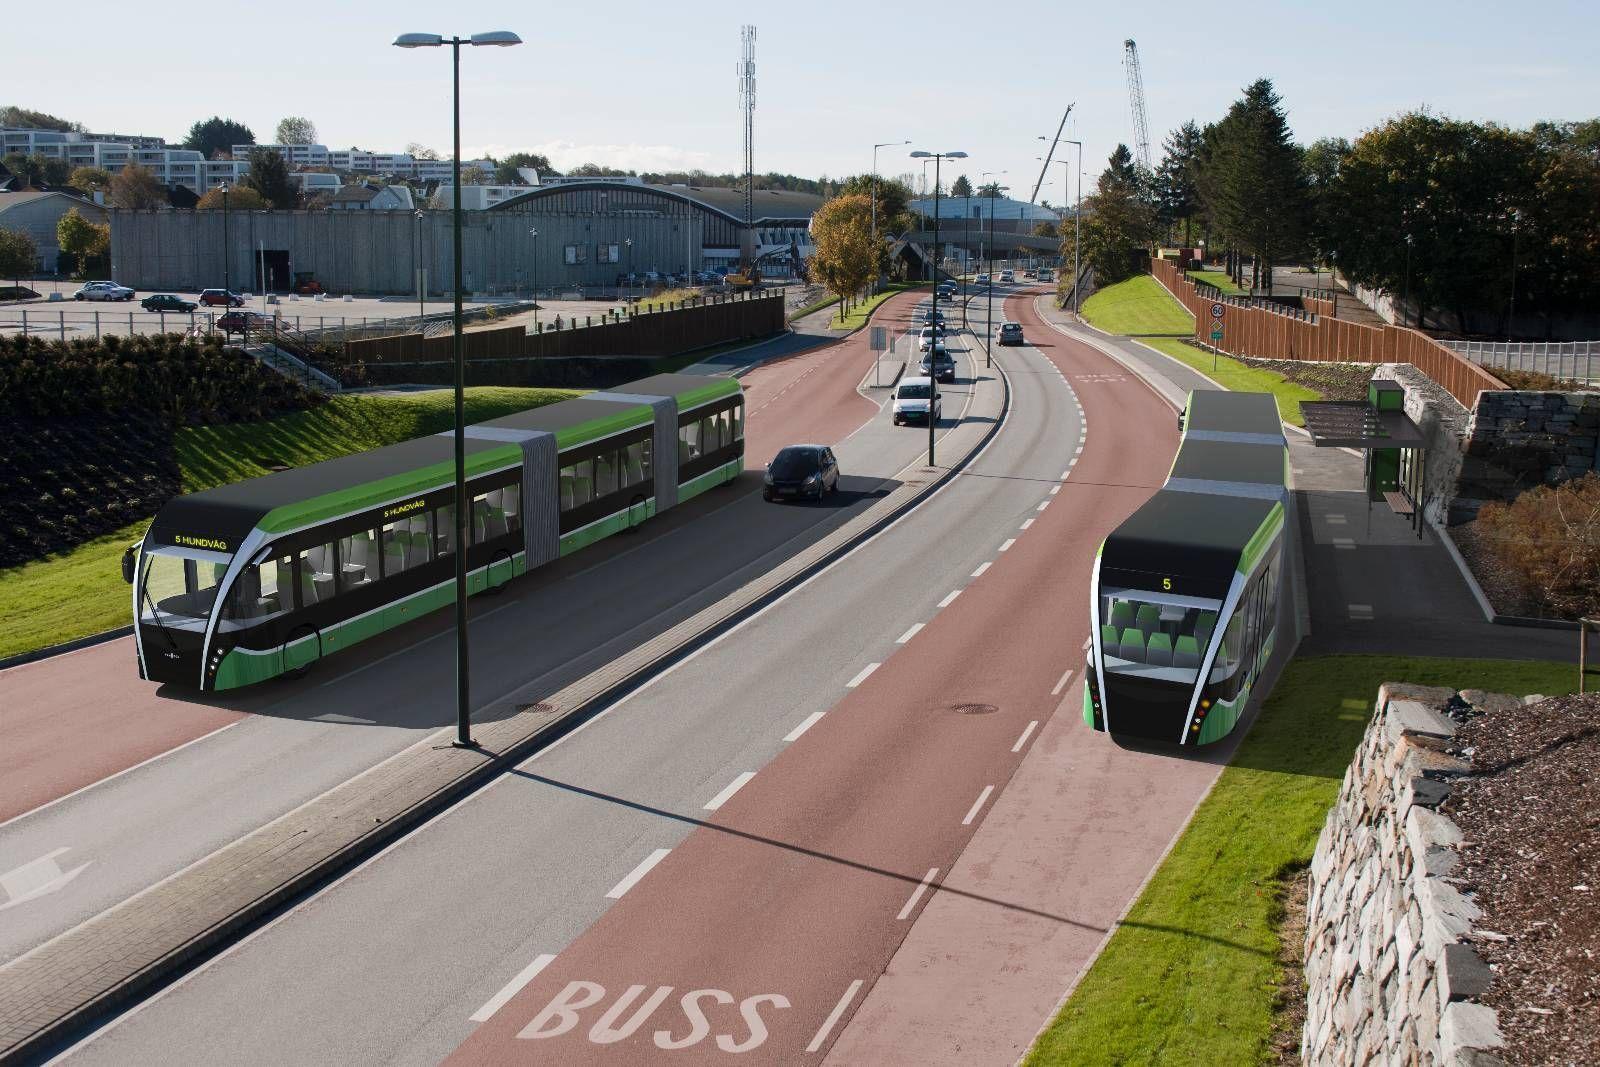 RIMELIGERE: Stavanger-området er godt i gang med å bygge ut sitt nye bussnett. Prisen pr. meter er omtrent en fjerdedel av kostnadene til Bybanen i Bergen. Illustrasjon: Visco/Rogaland fylkeskommune